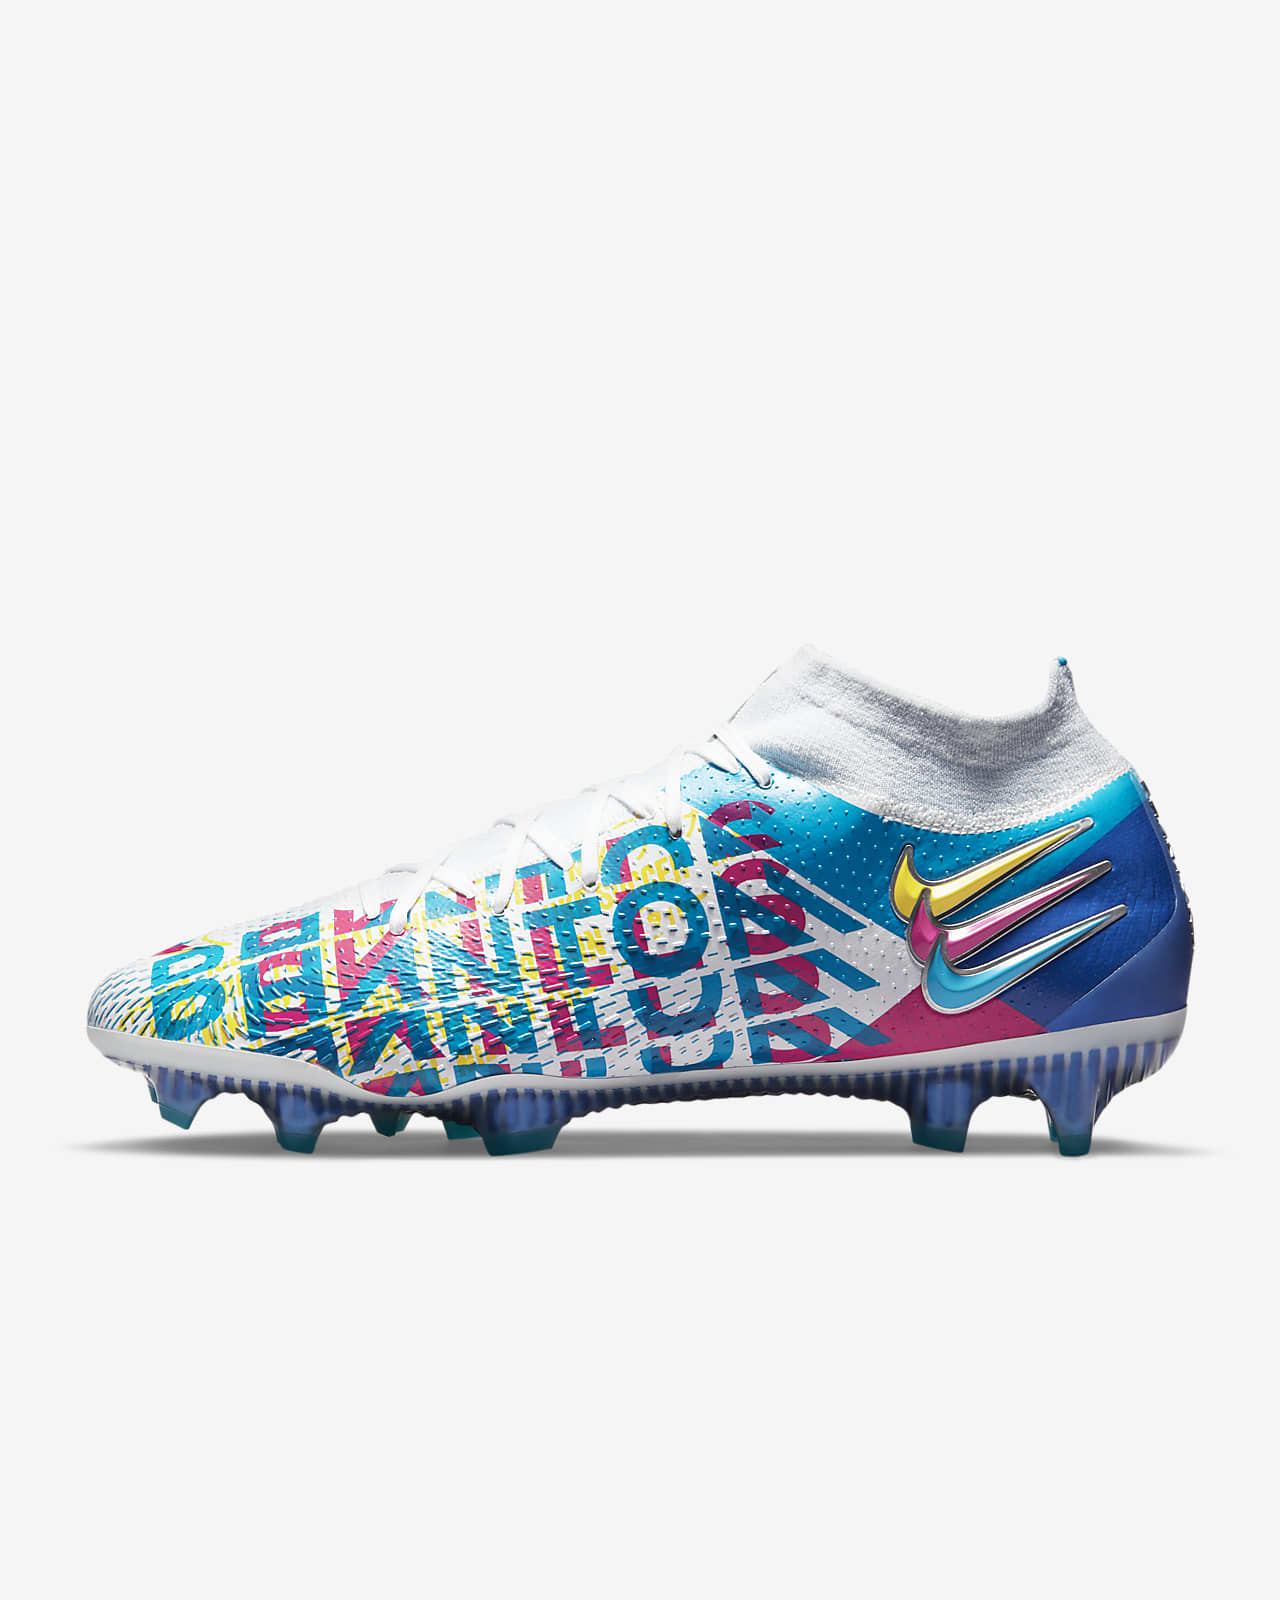 Korki piłkarskie na twardą murawę Nike Phantom GT Elite Dynamic Fit 3D FG